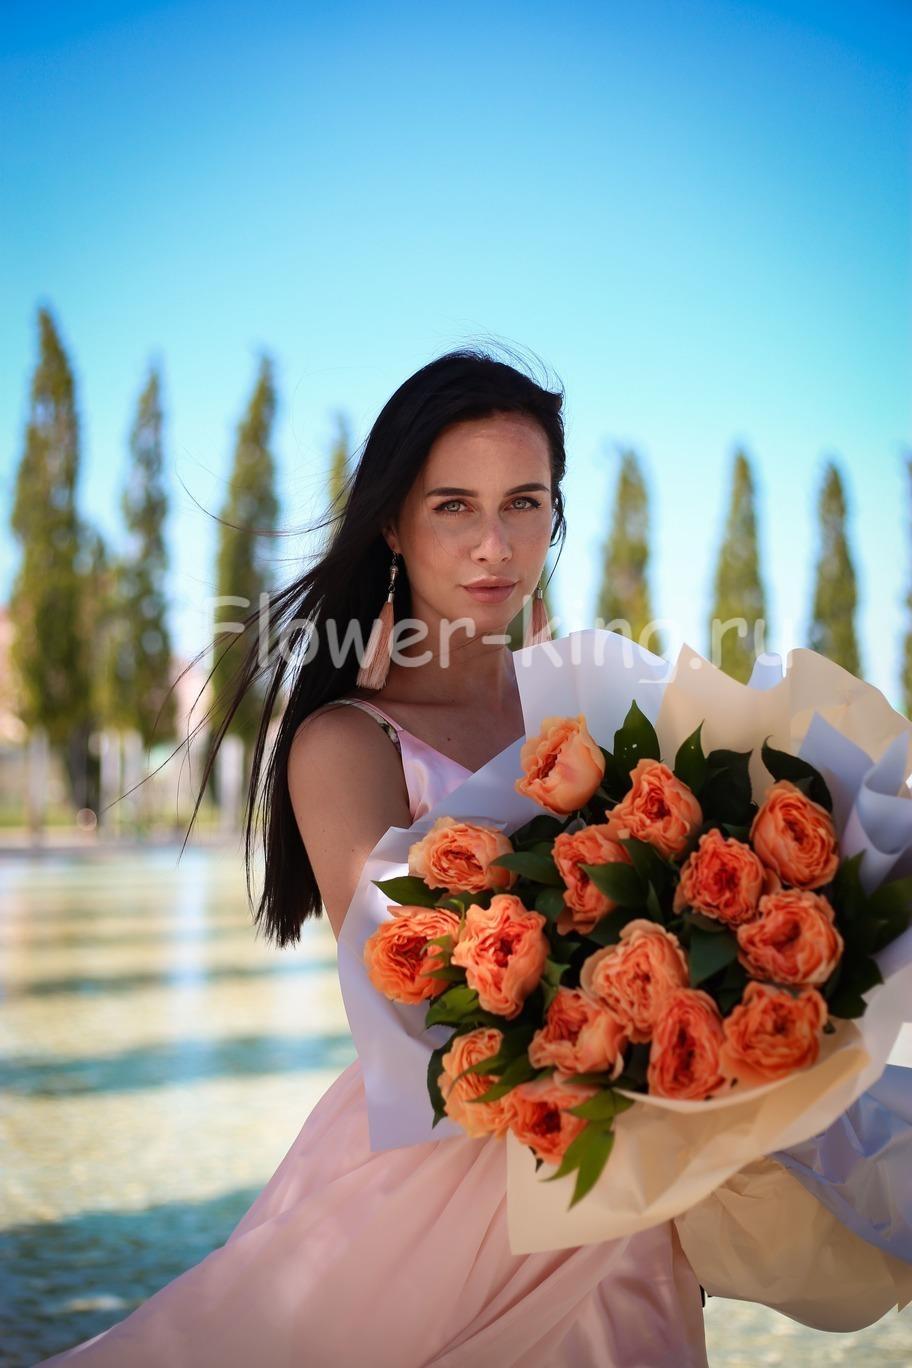 Доставка цветов калуга круглосуточная екатеринбург, цветы птицы мужской